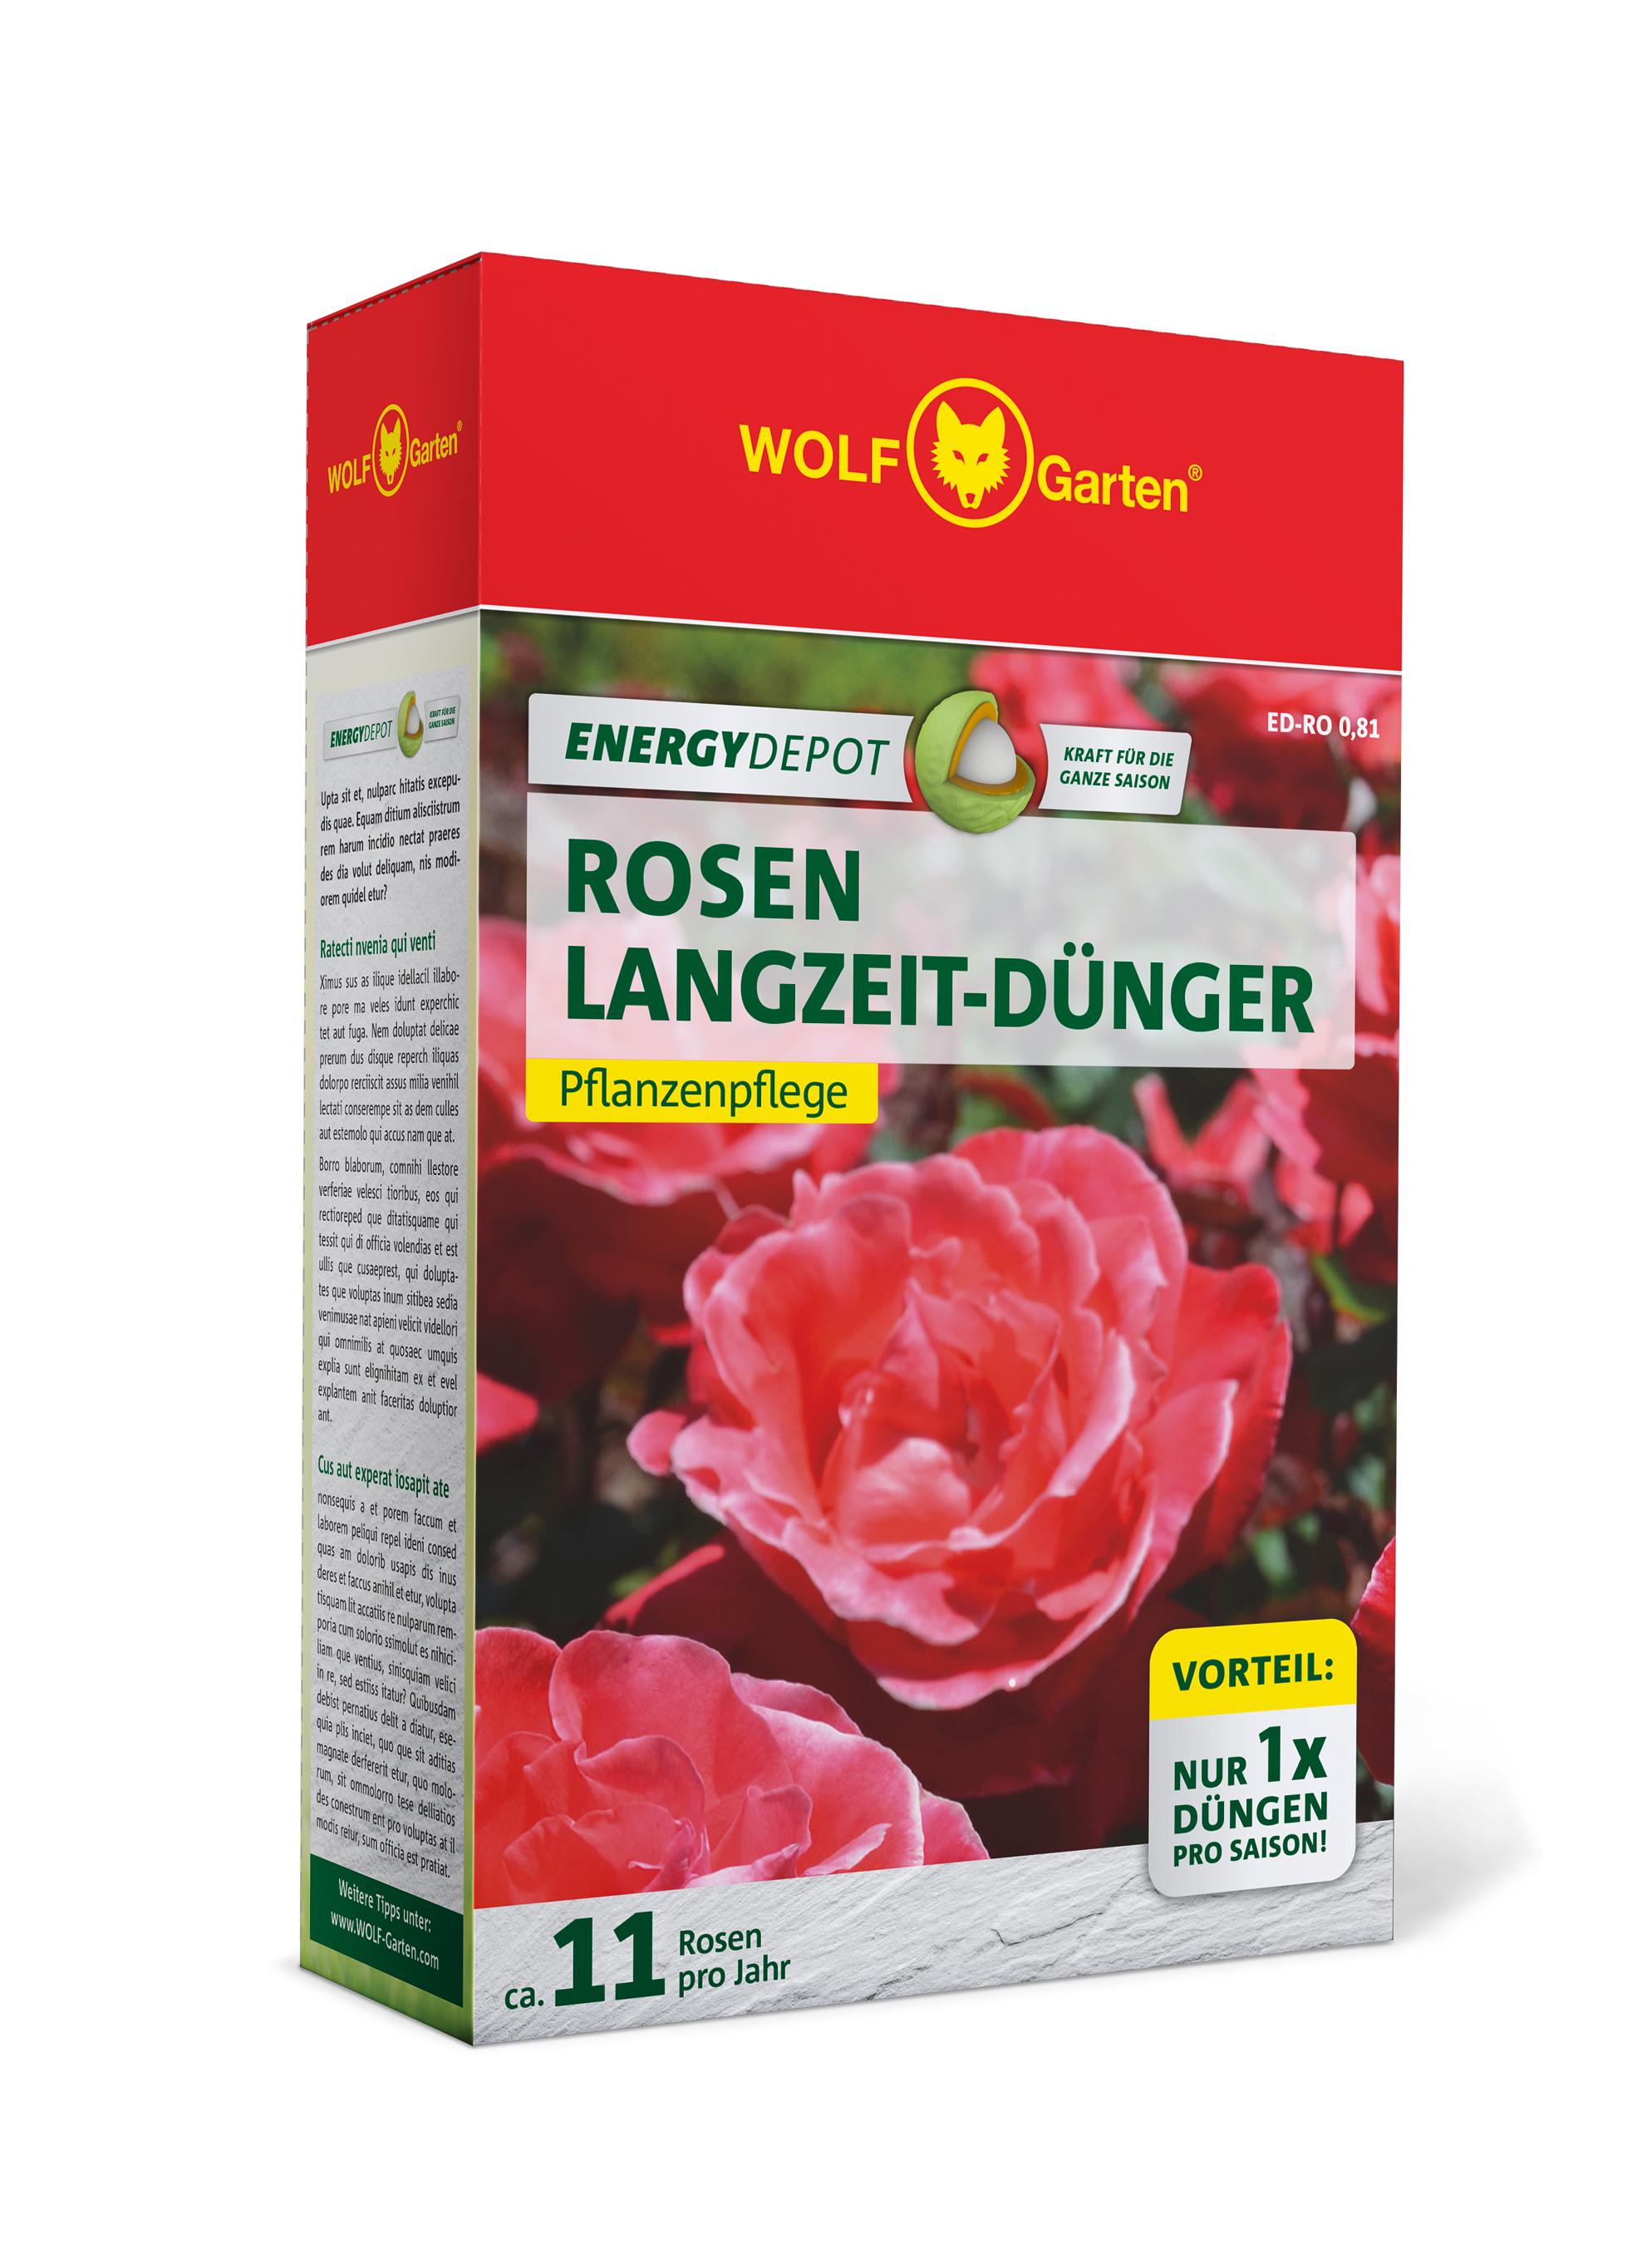 Wolf Garten Rosen Langzeit-Dünger Energy Depot 810g Bild 1